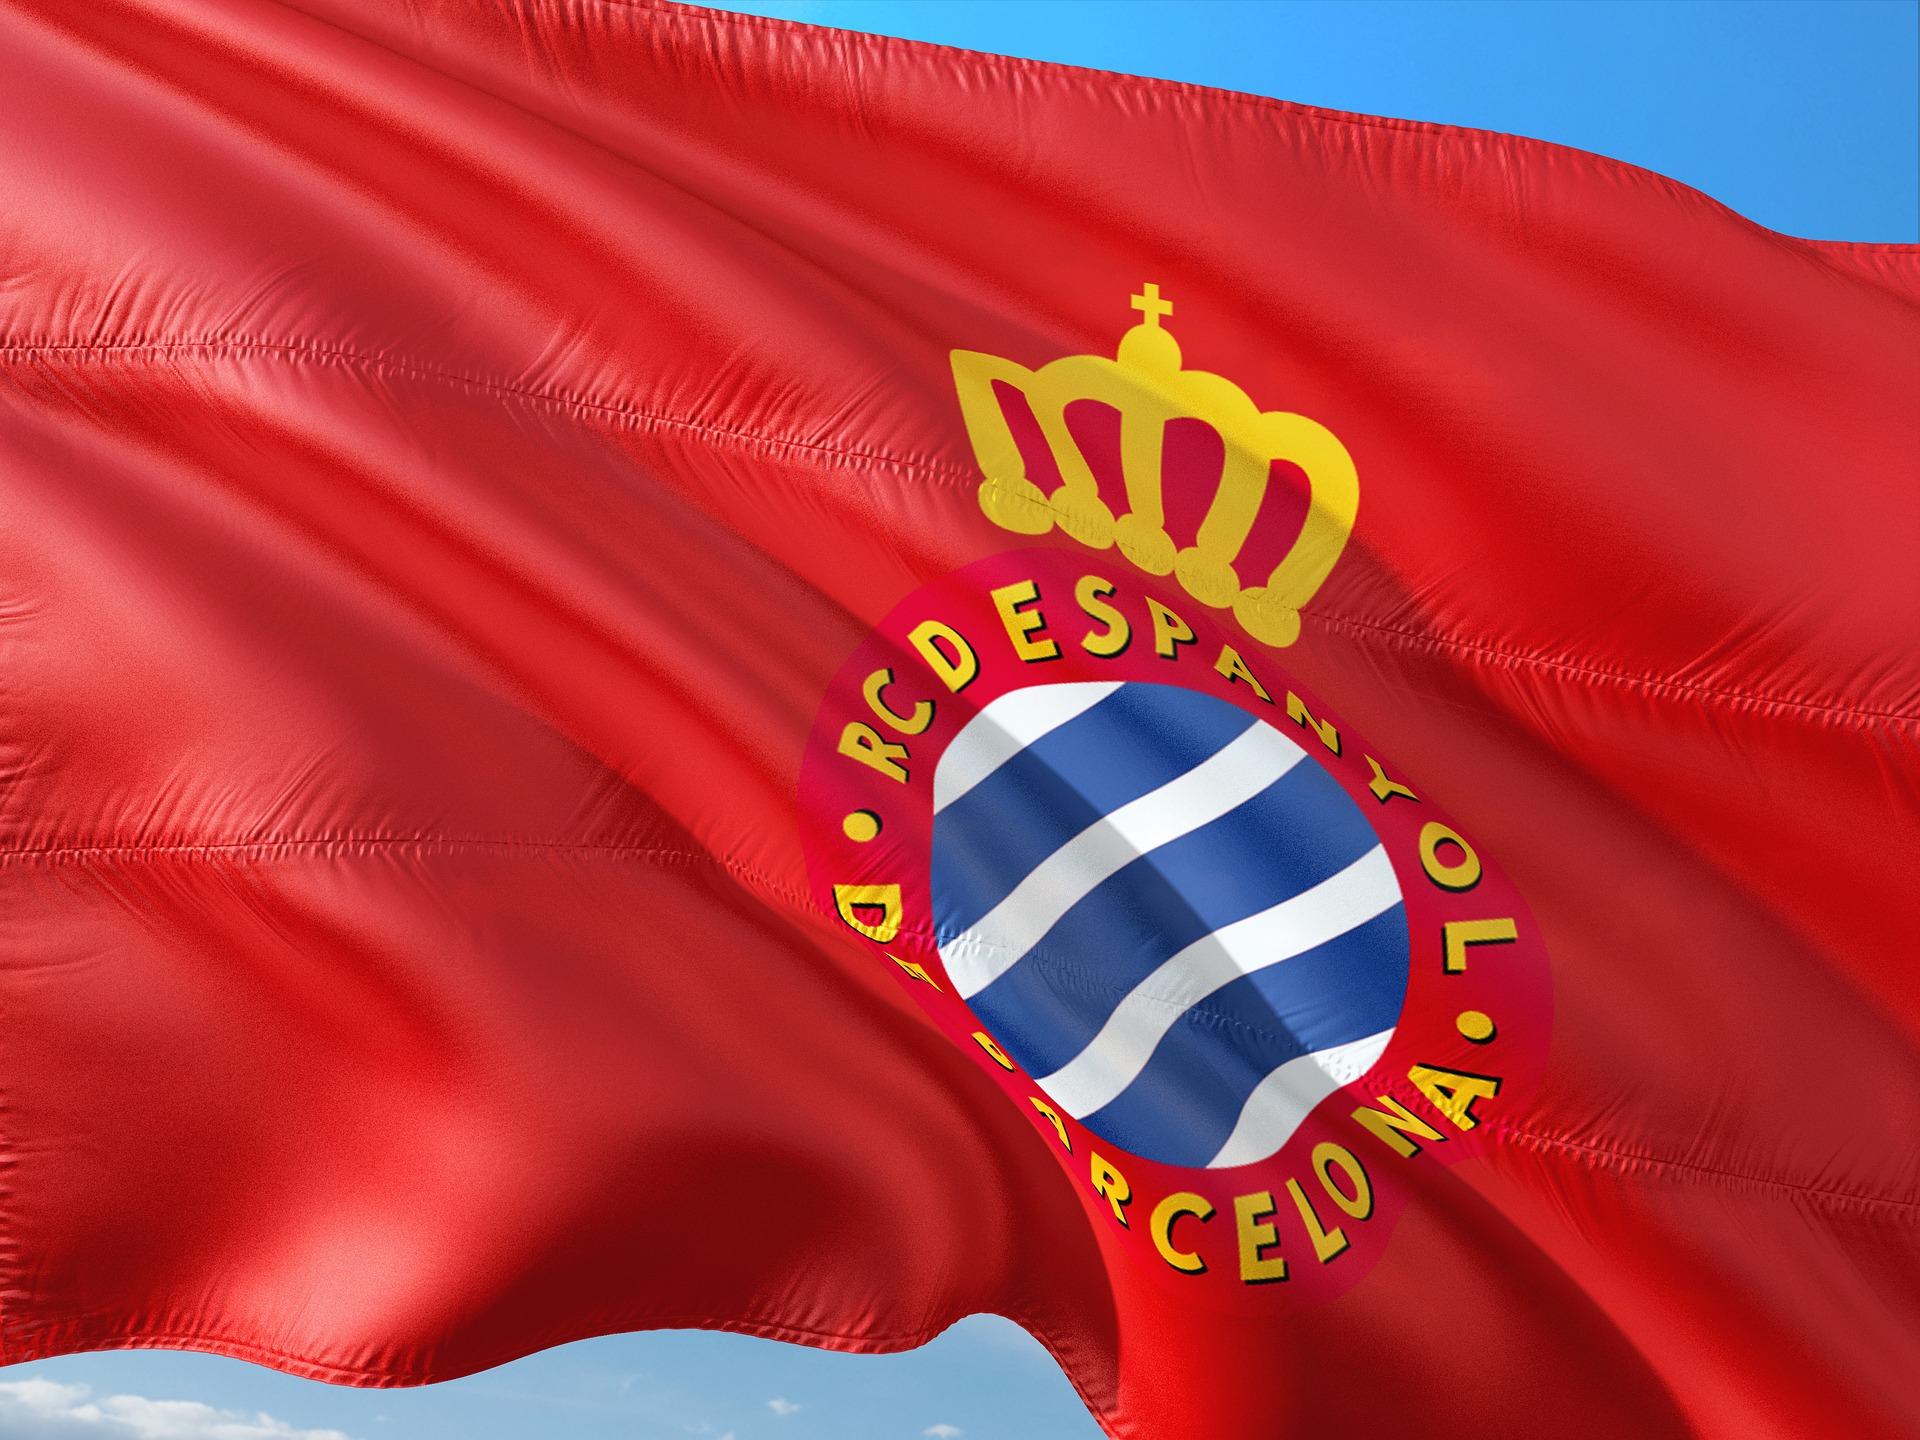 Espanyol soccer flag